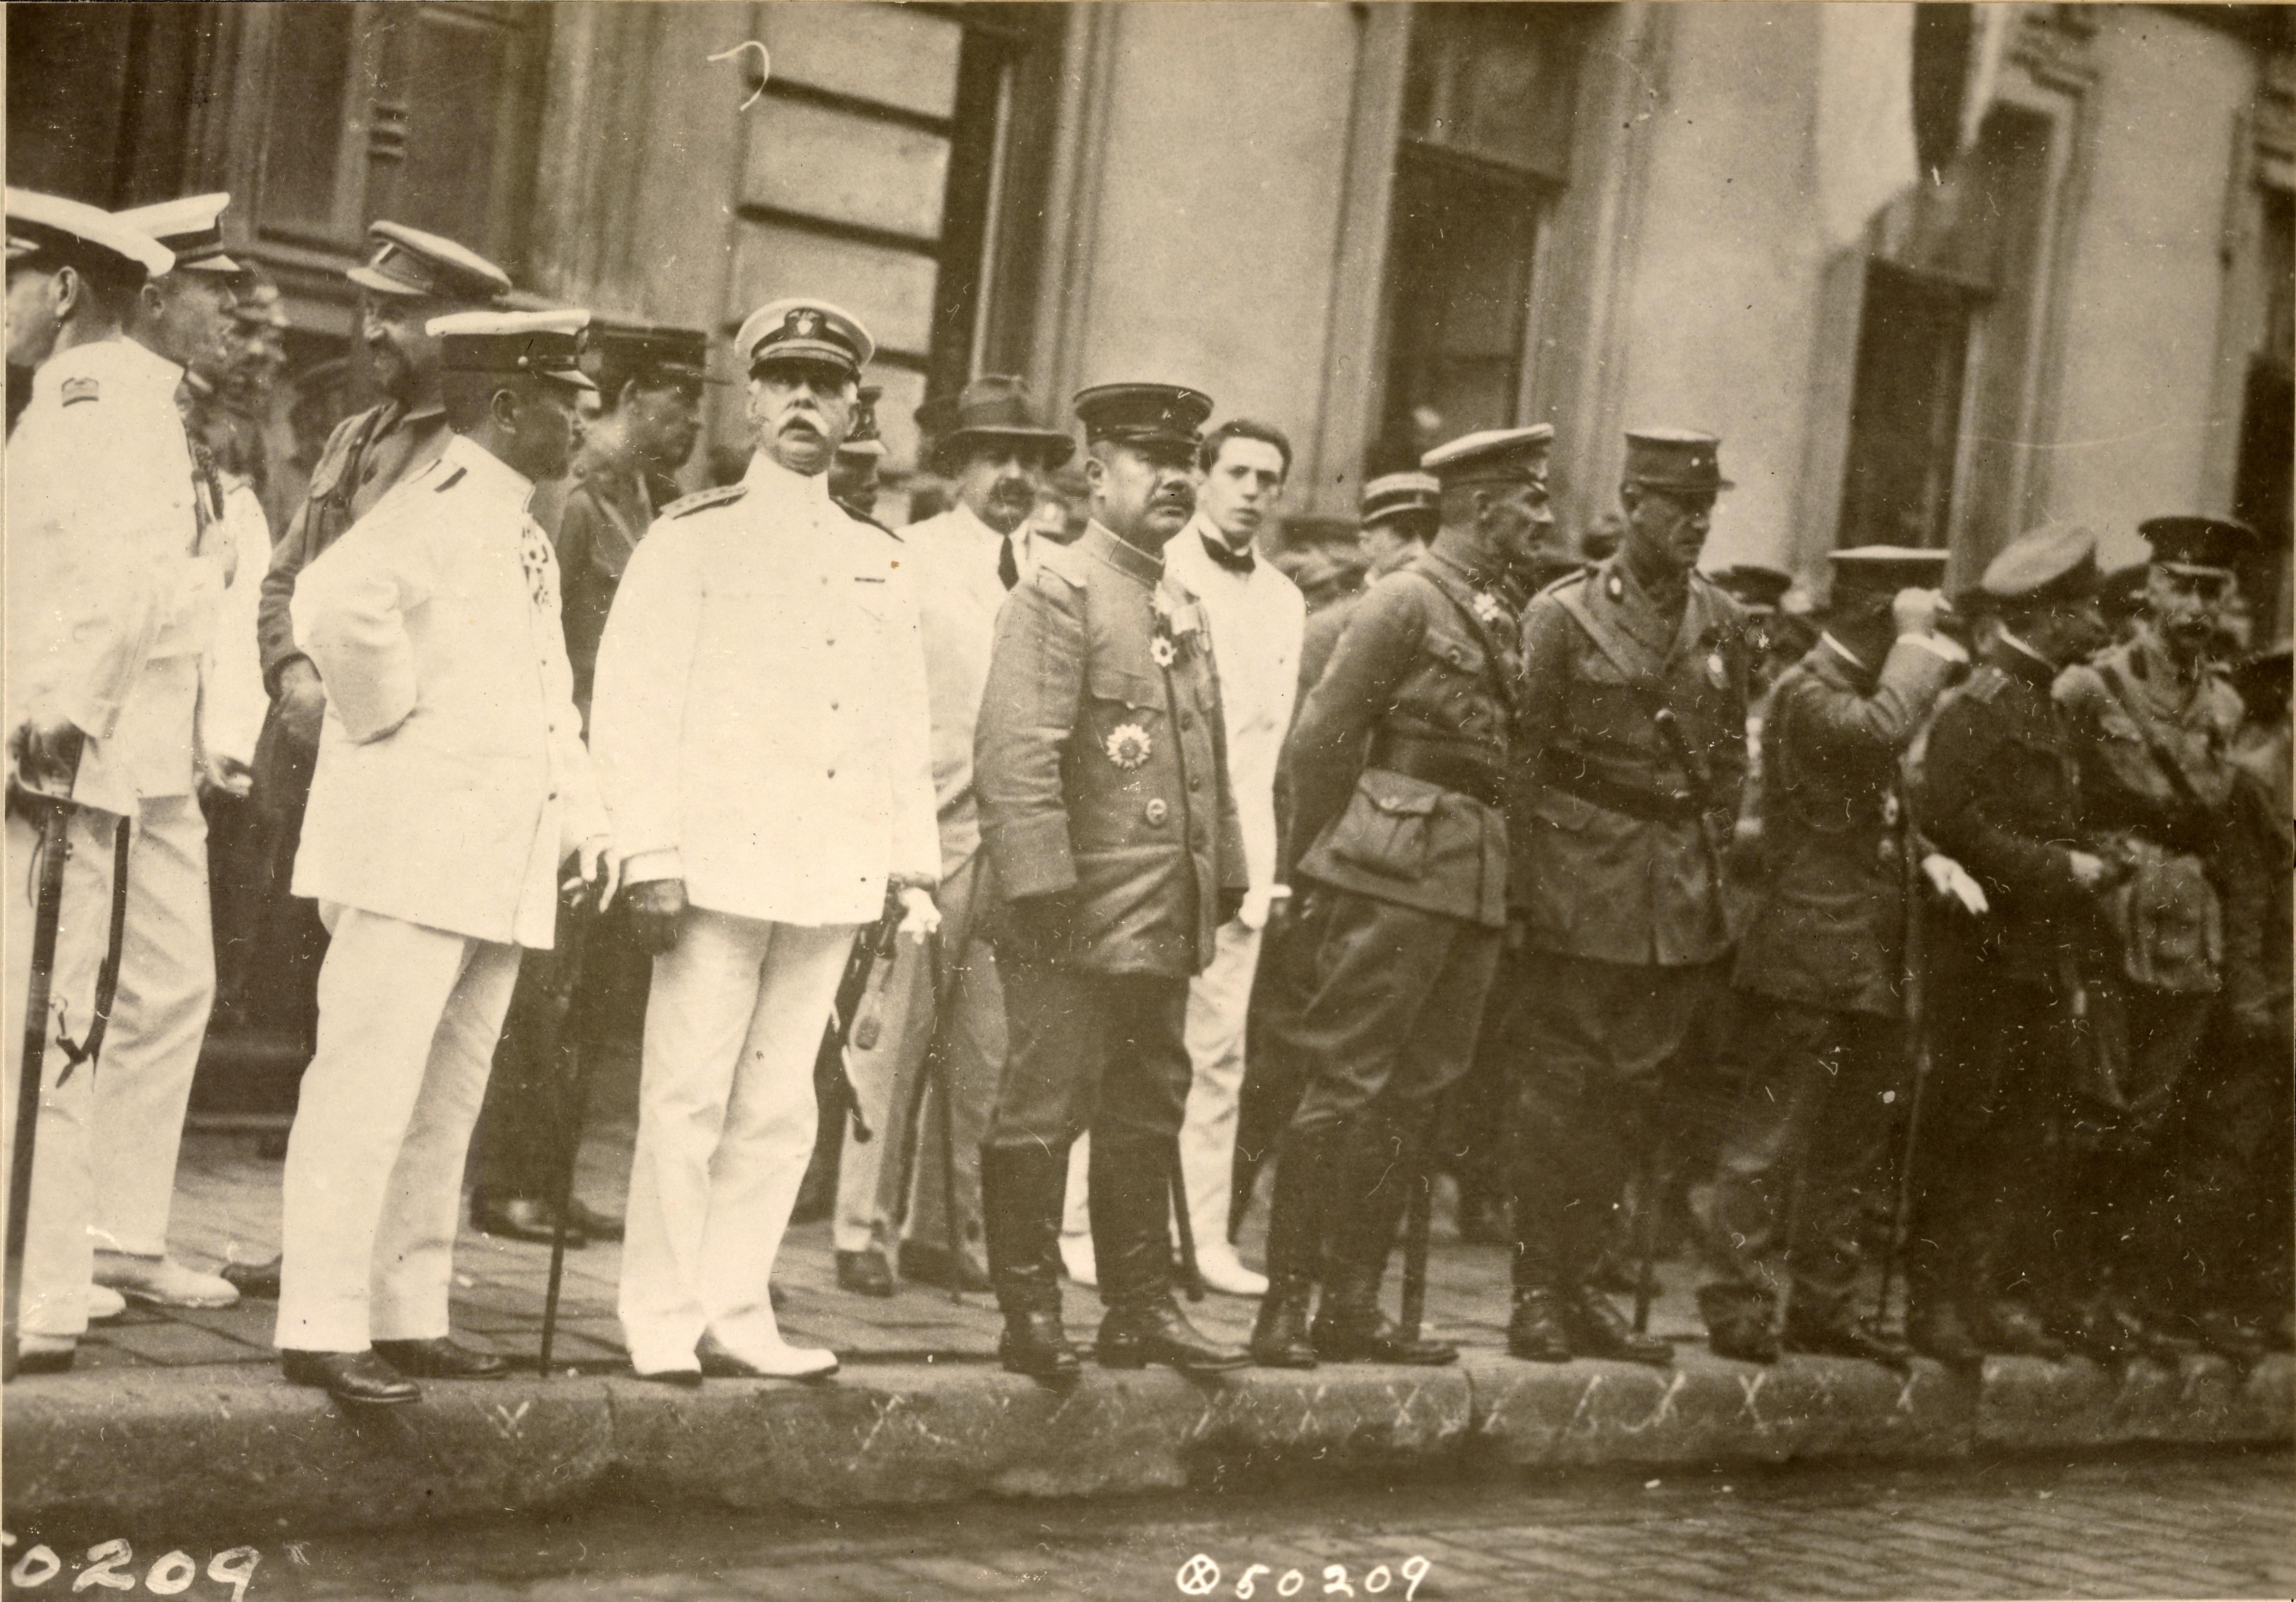 Высадка и прохождение японских войск. Начальник штаба Чехословацкого корпуса генерал-майор М.К. Дитерихс